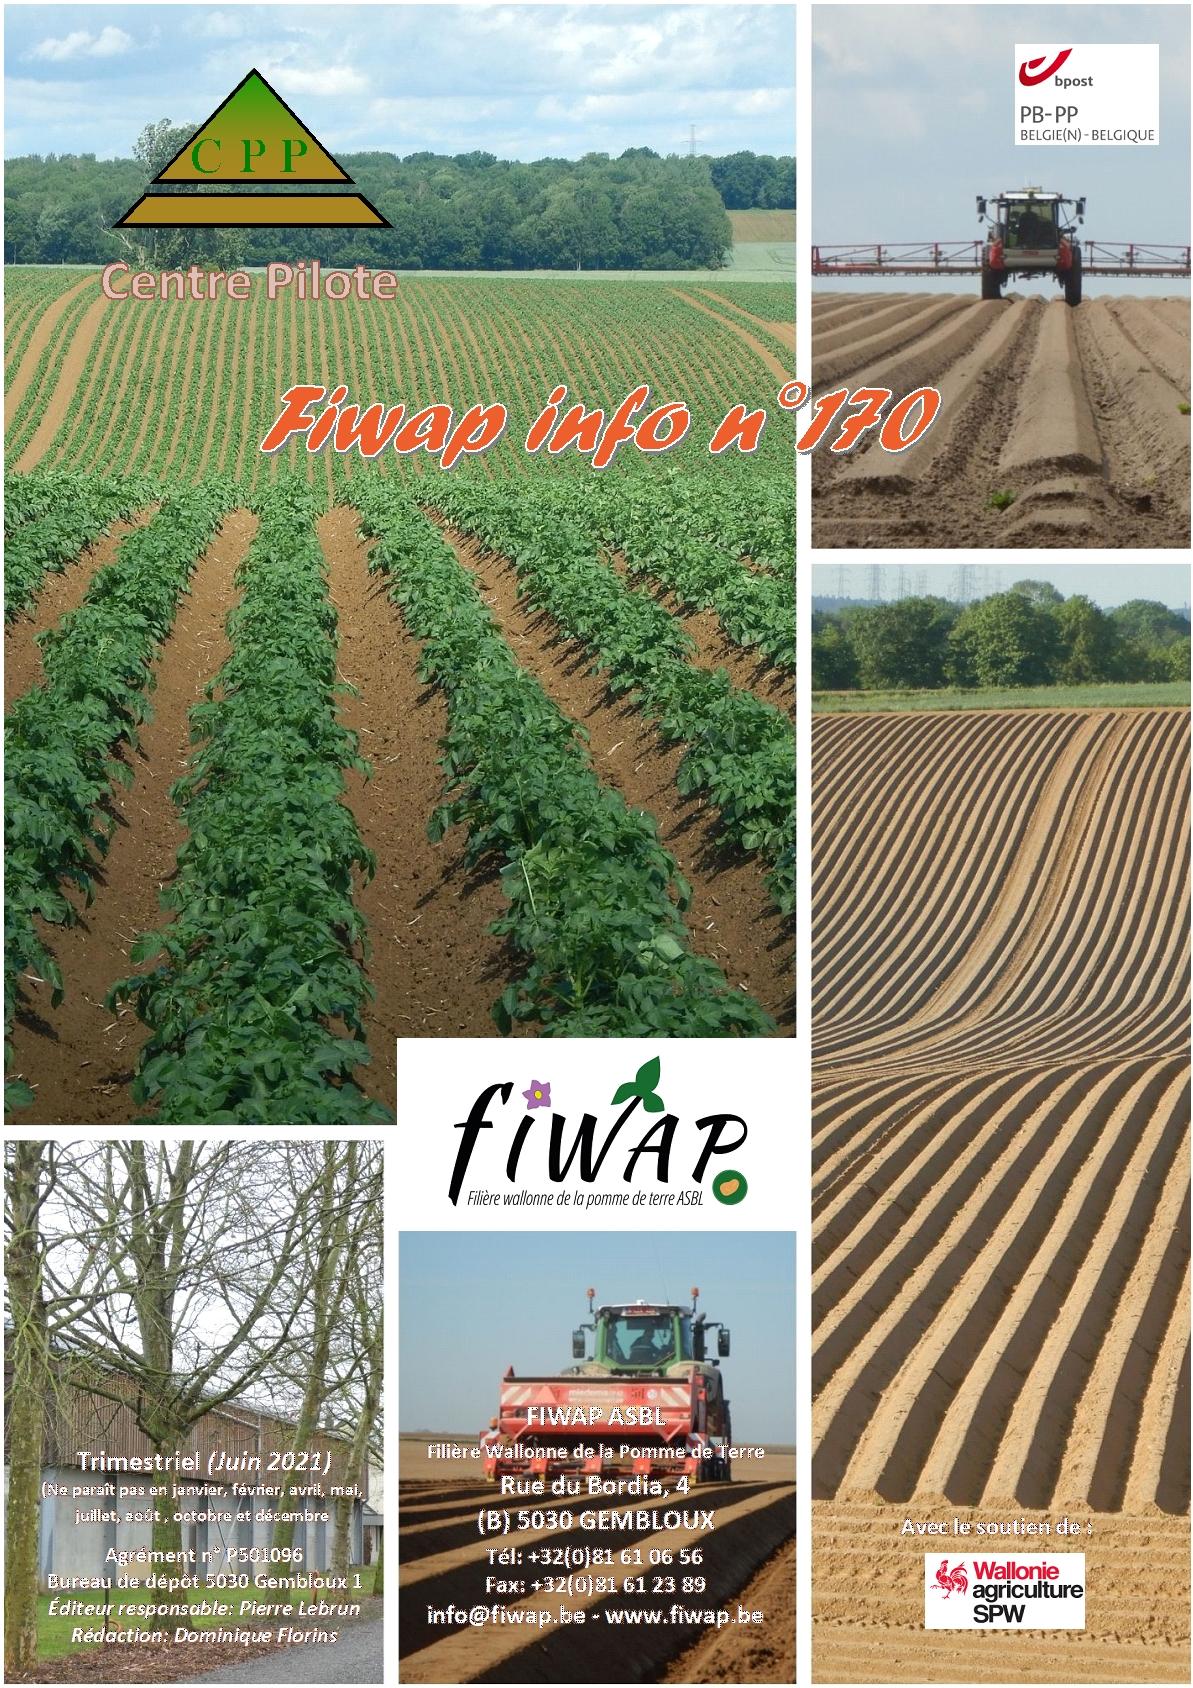 Fiwap Info 170 – Juin 2021